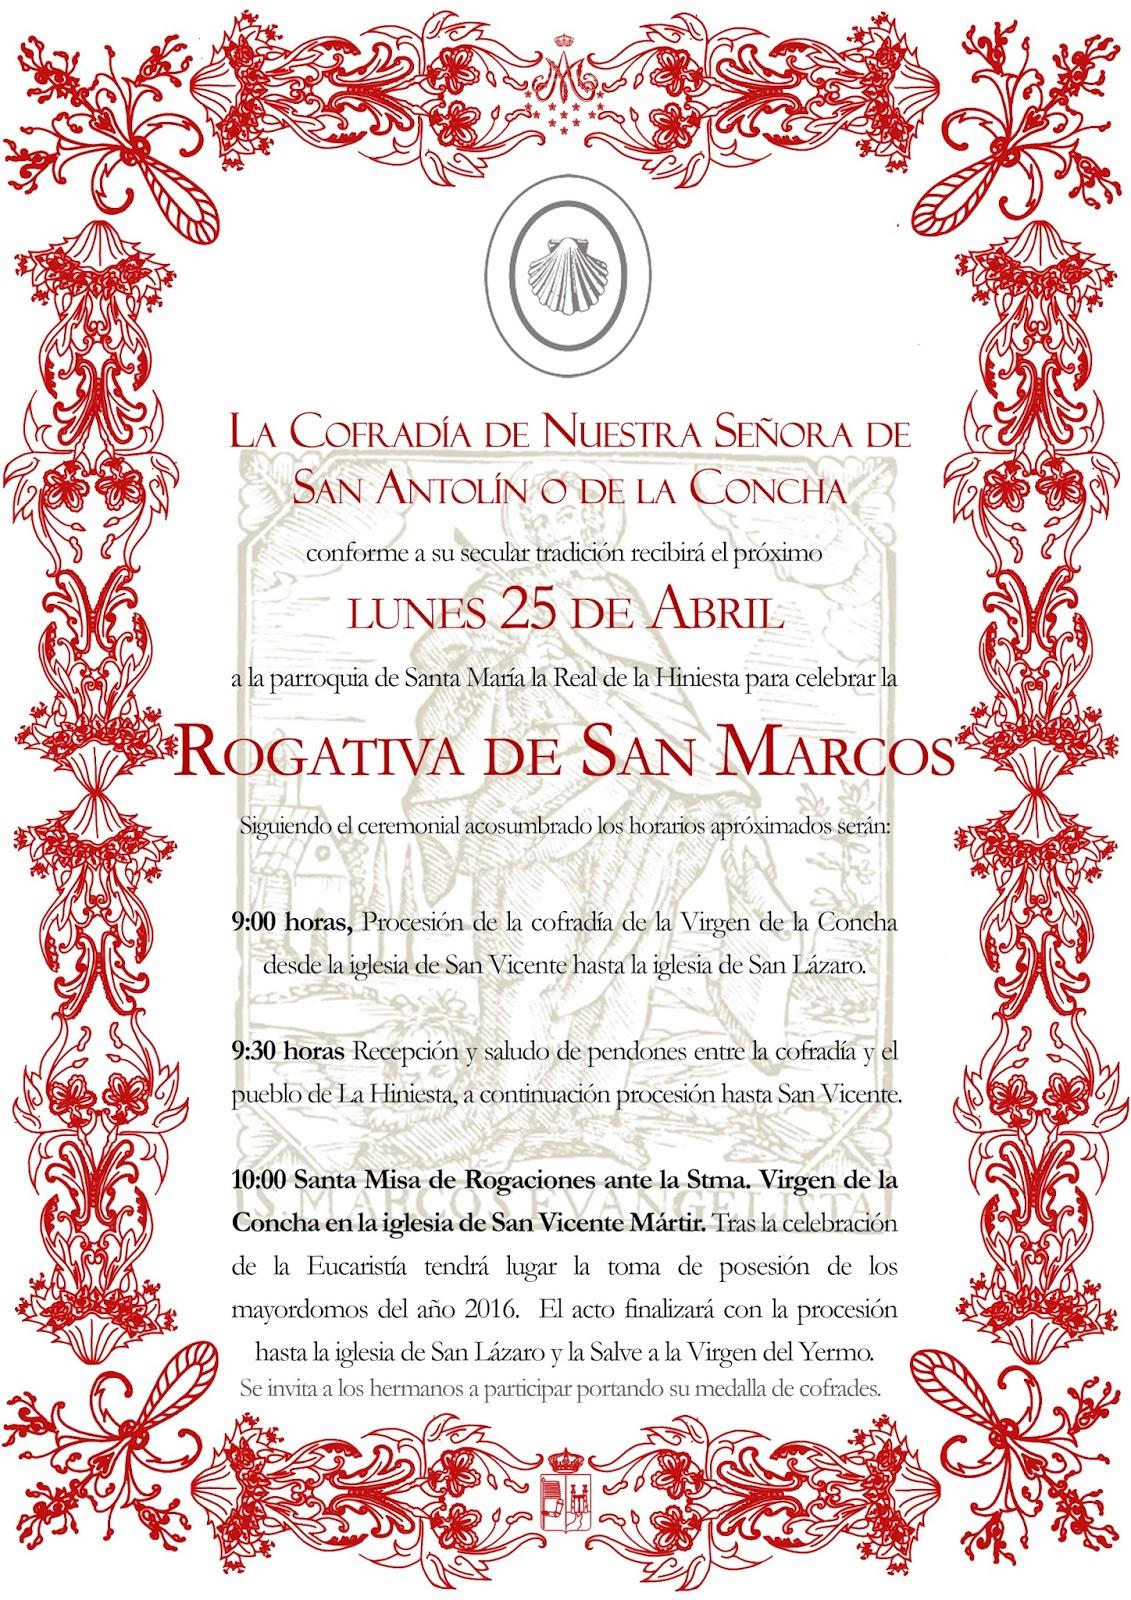 Cofradía de la Virgen de la Concha (Zamora): ROGATIVA DE SAN MARCOS